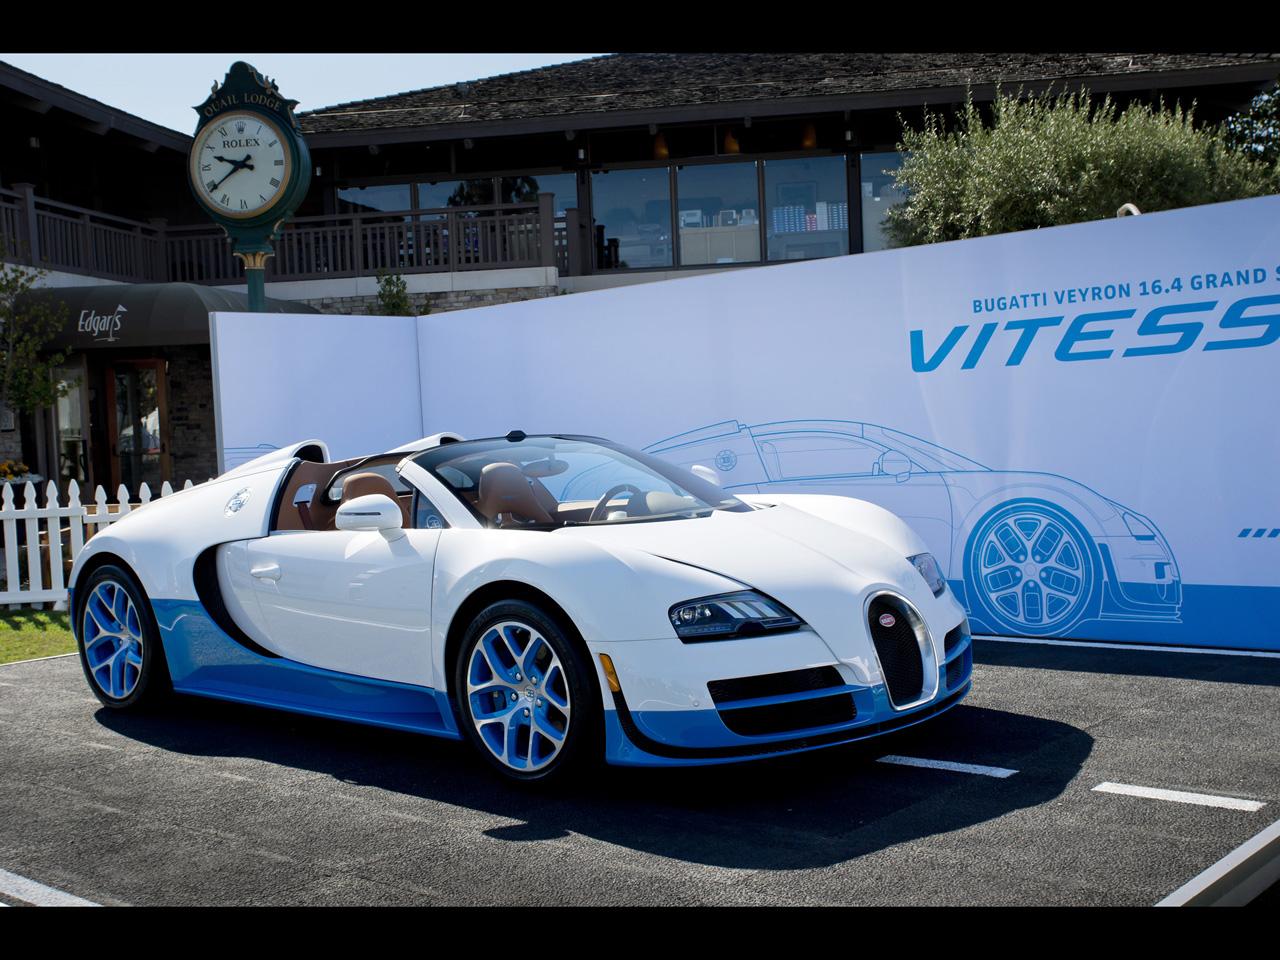 Bugatti Veyron Grand Sport Vitesse Wallpaper: Bugatti Wallpapers By Cars-wallpapers.net